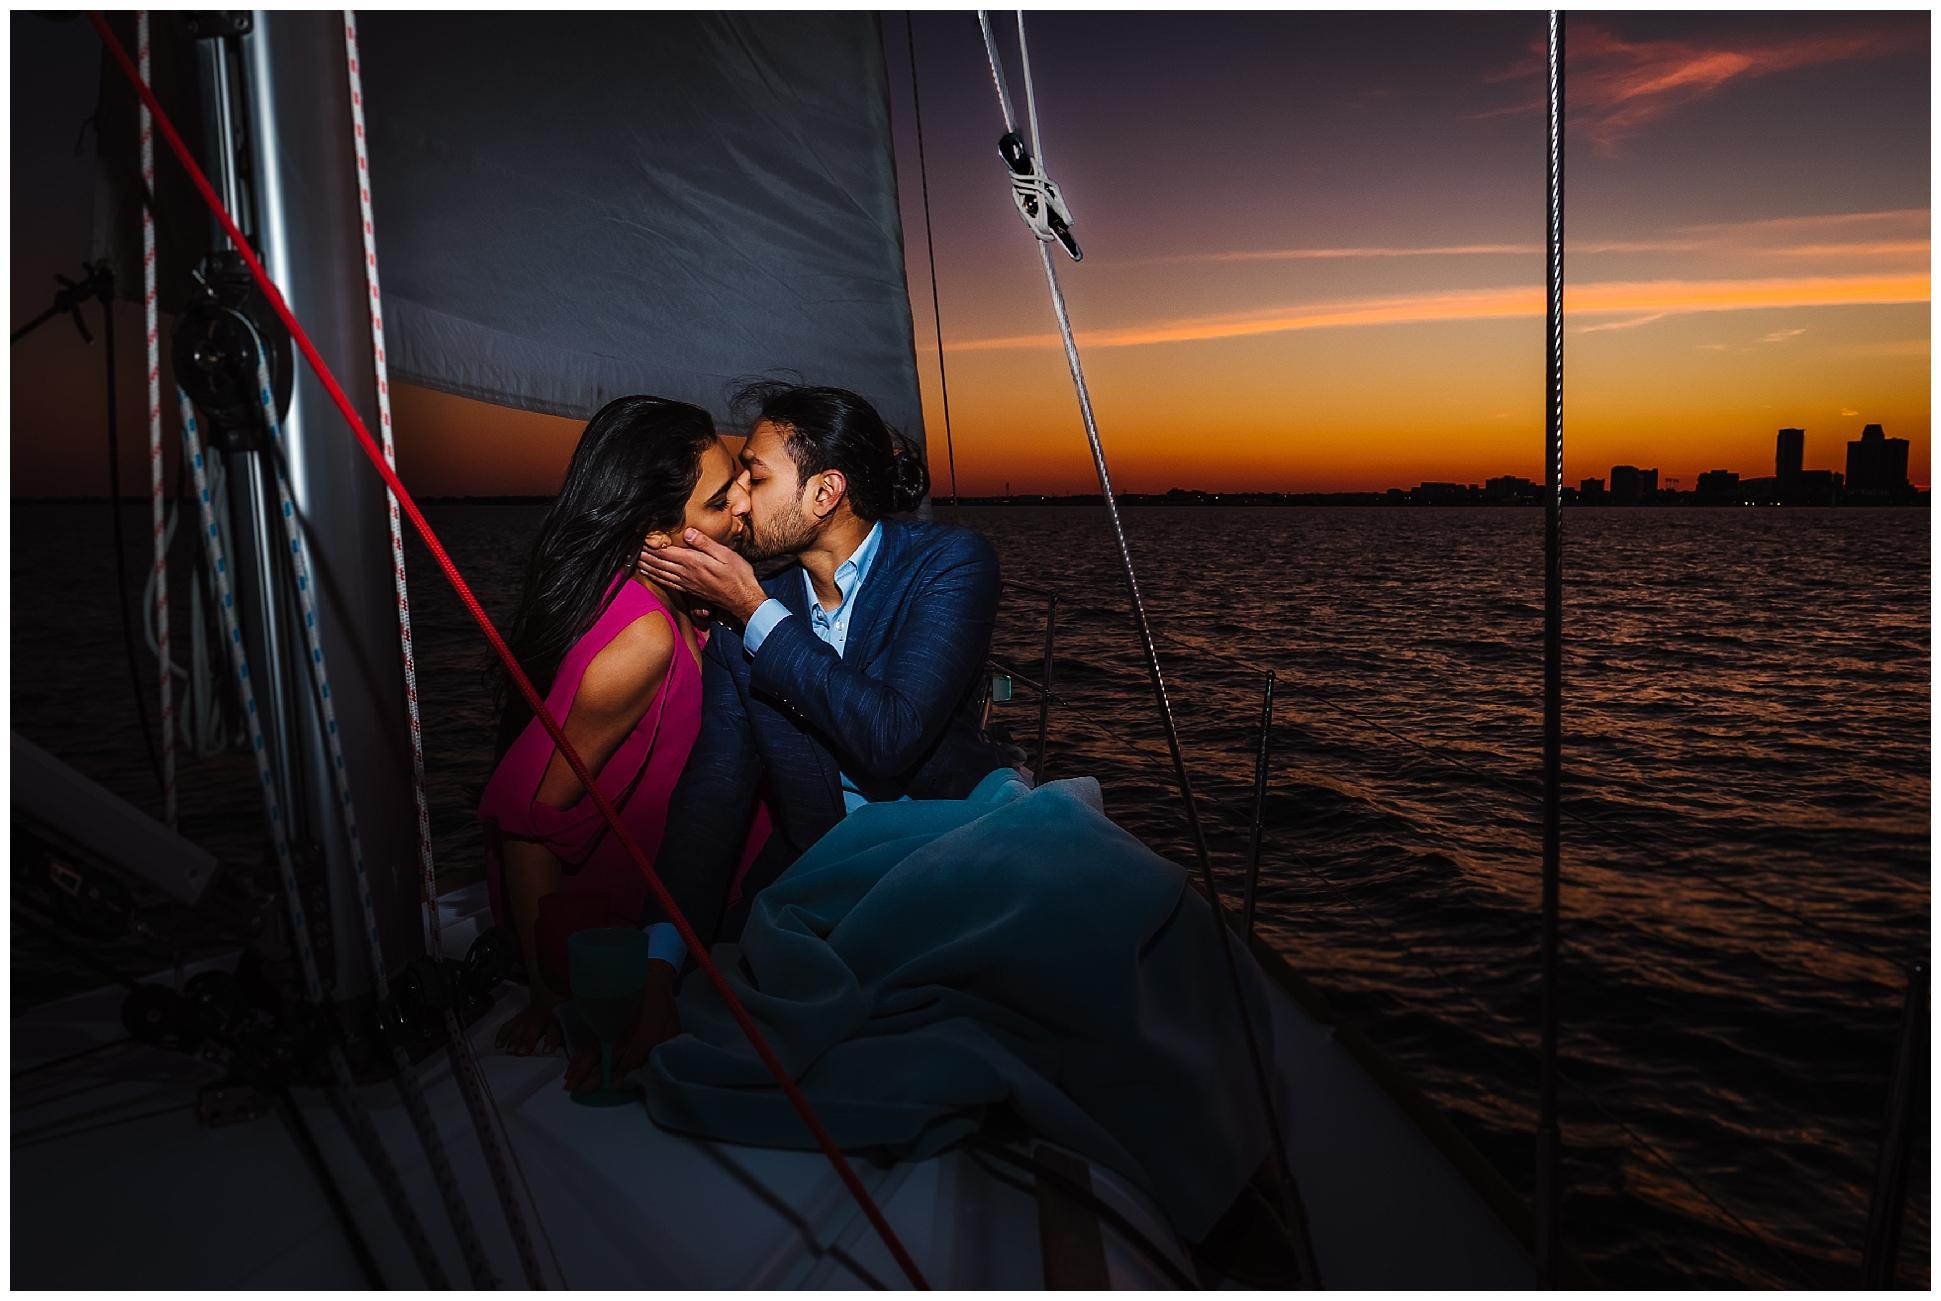 tampa bay-sailboat-sunset-proposal-engagememnt_0029.jpg